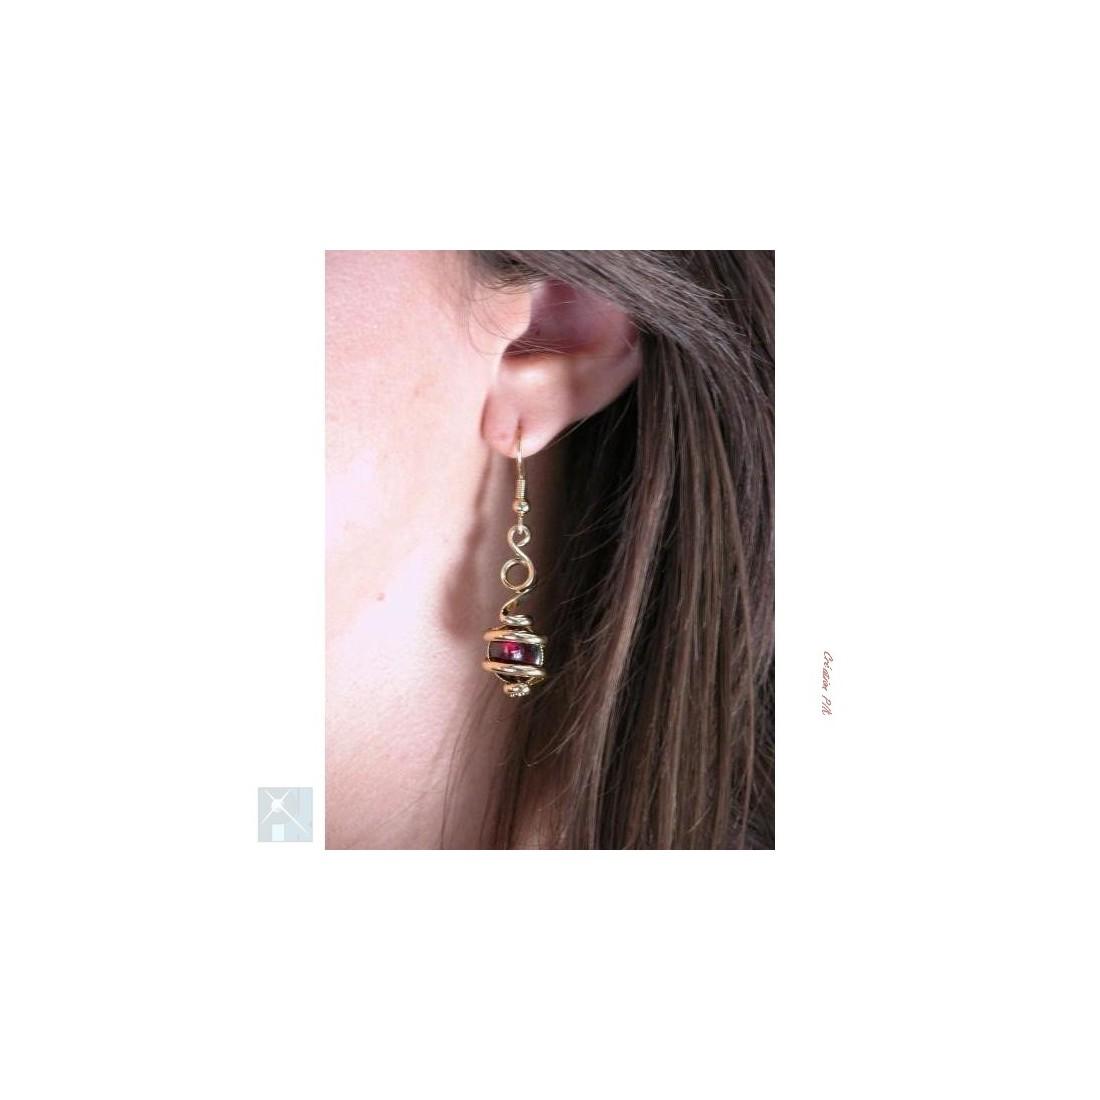 Très fines boucles d'oreilles dorées avec pierre fine grenat